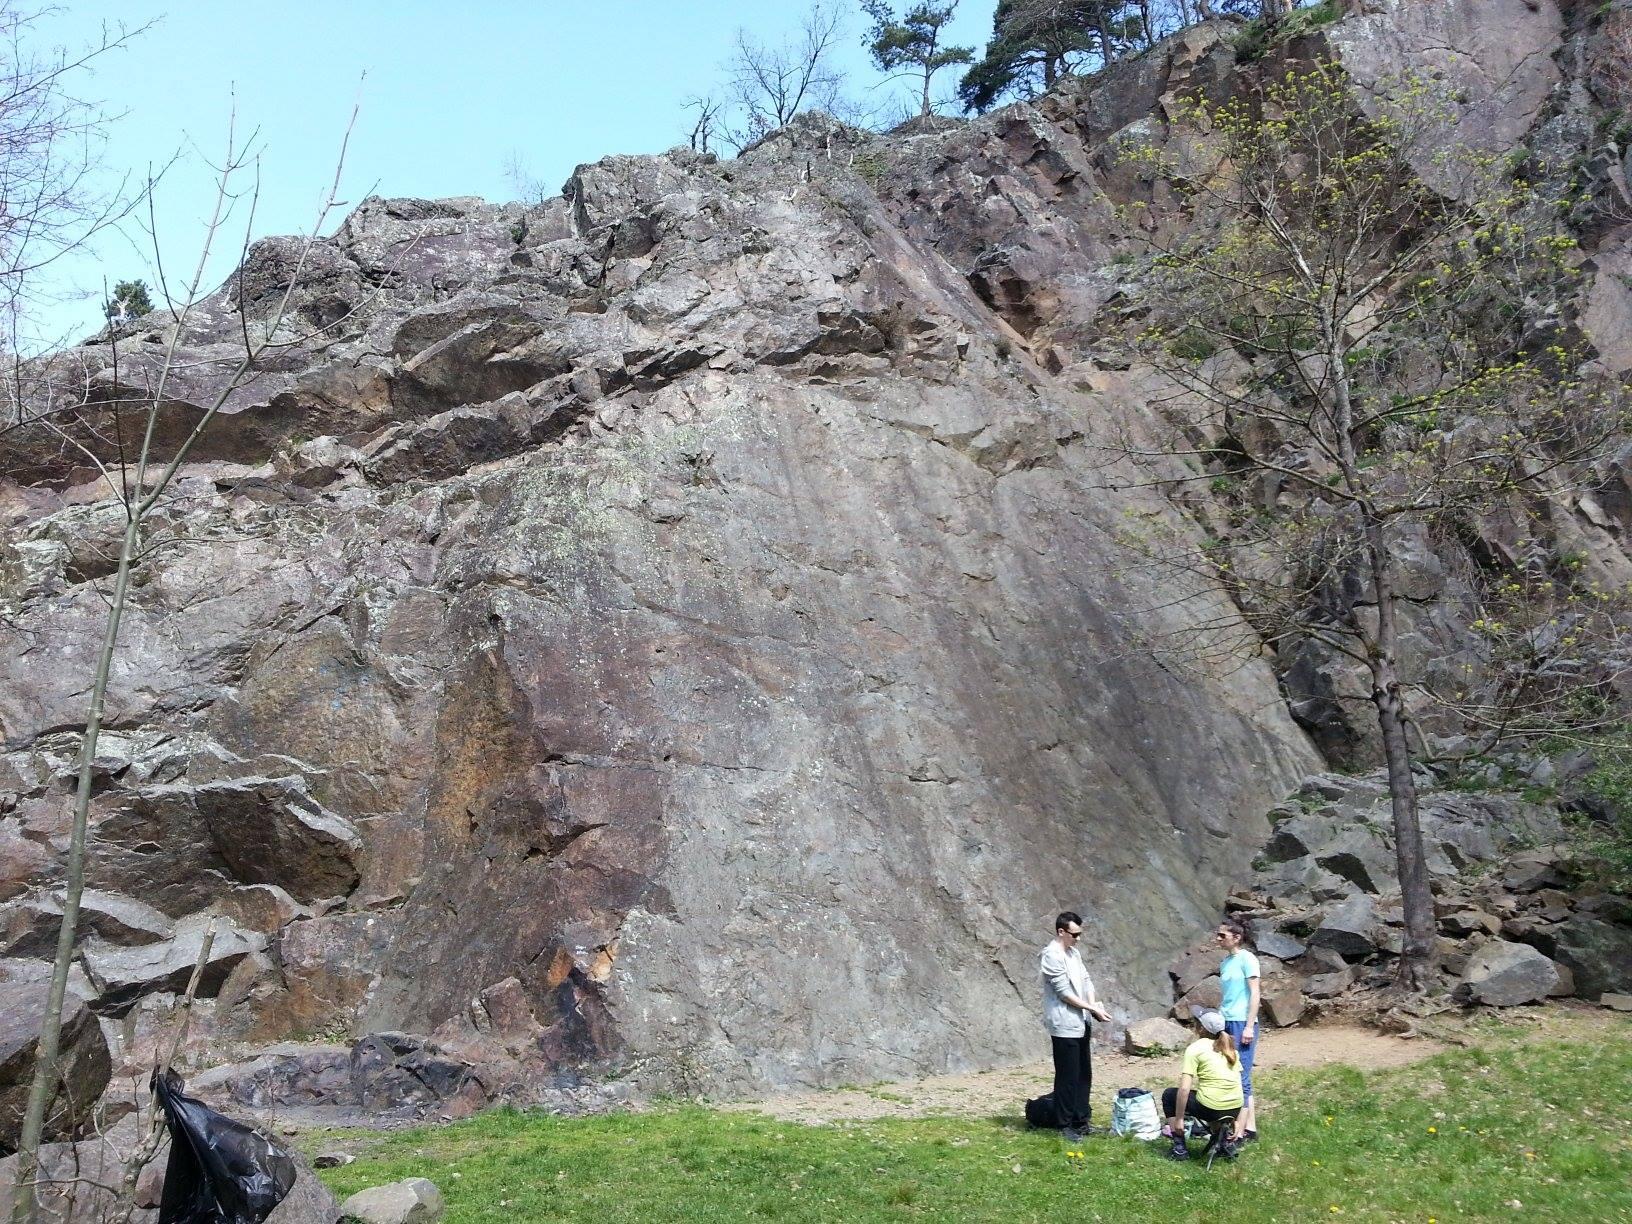 Escalade falaise saint symphorien sur coise escalade-lyon.fr